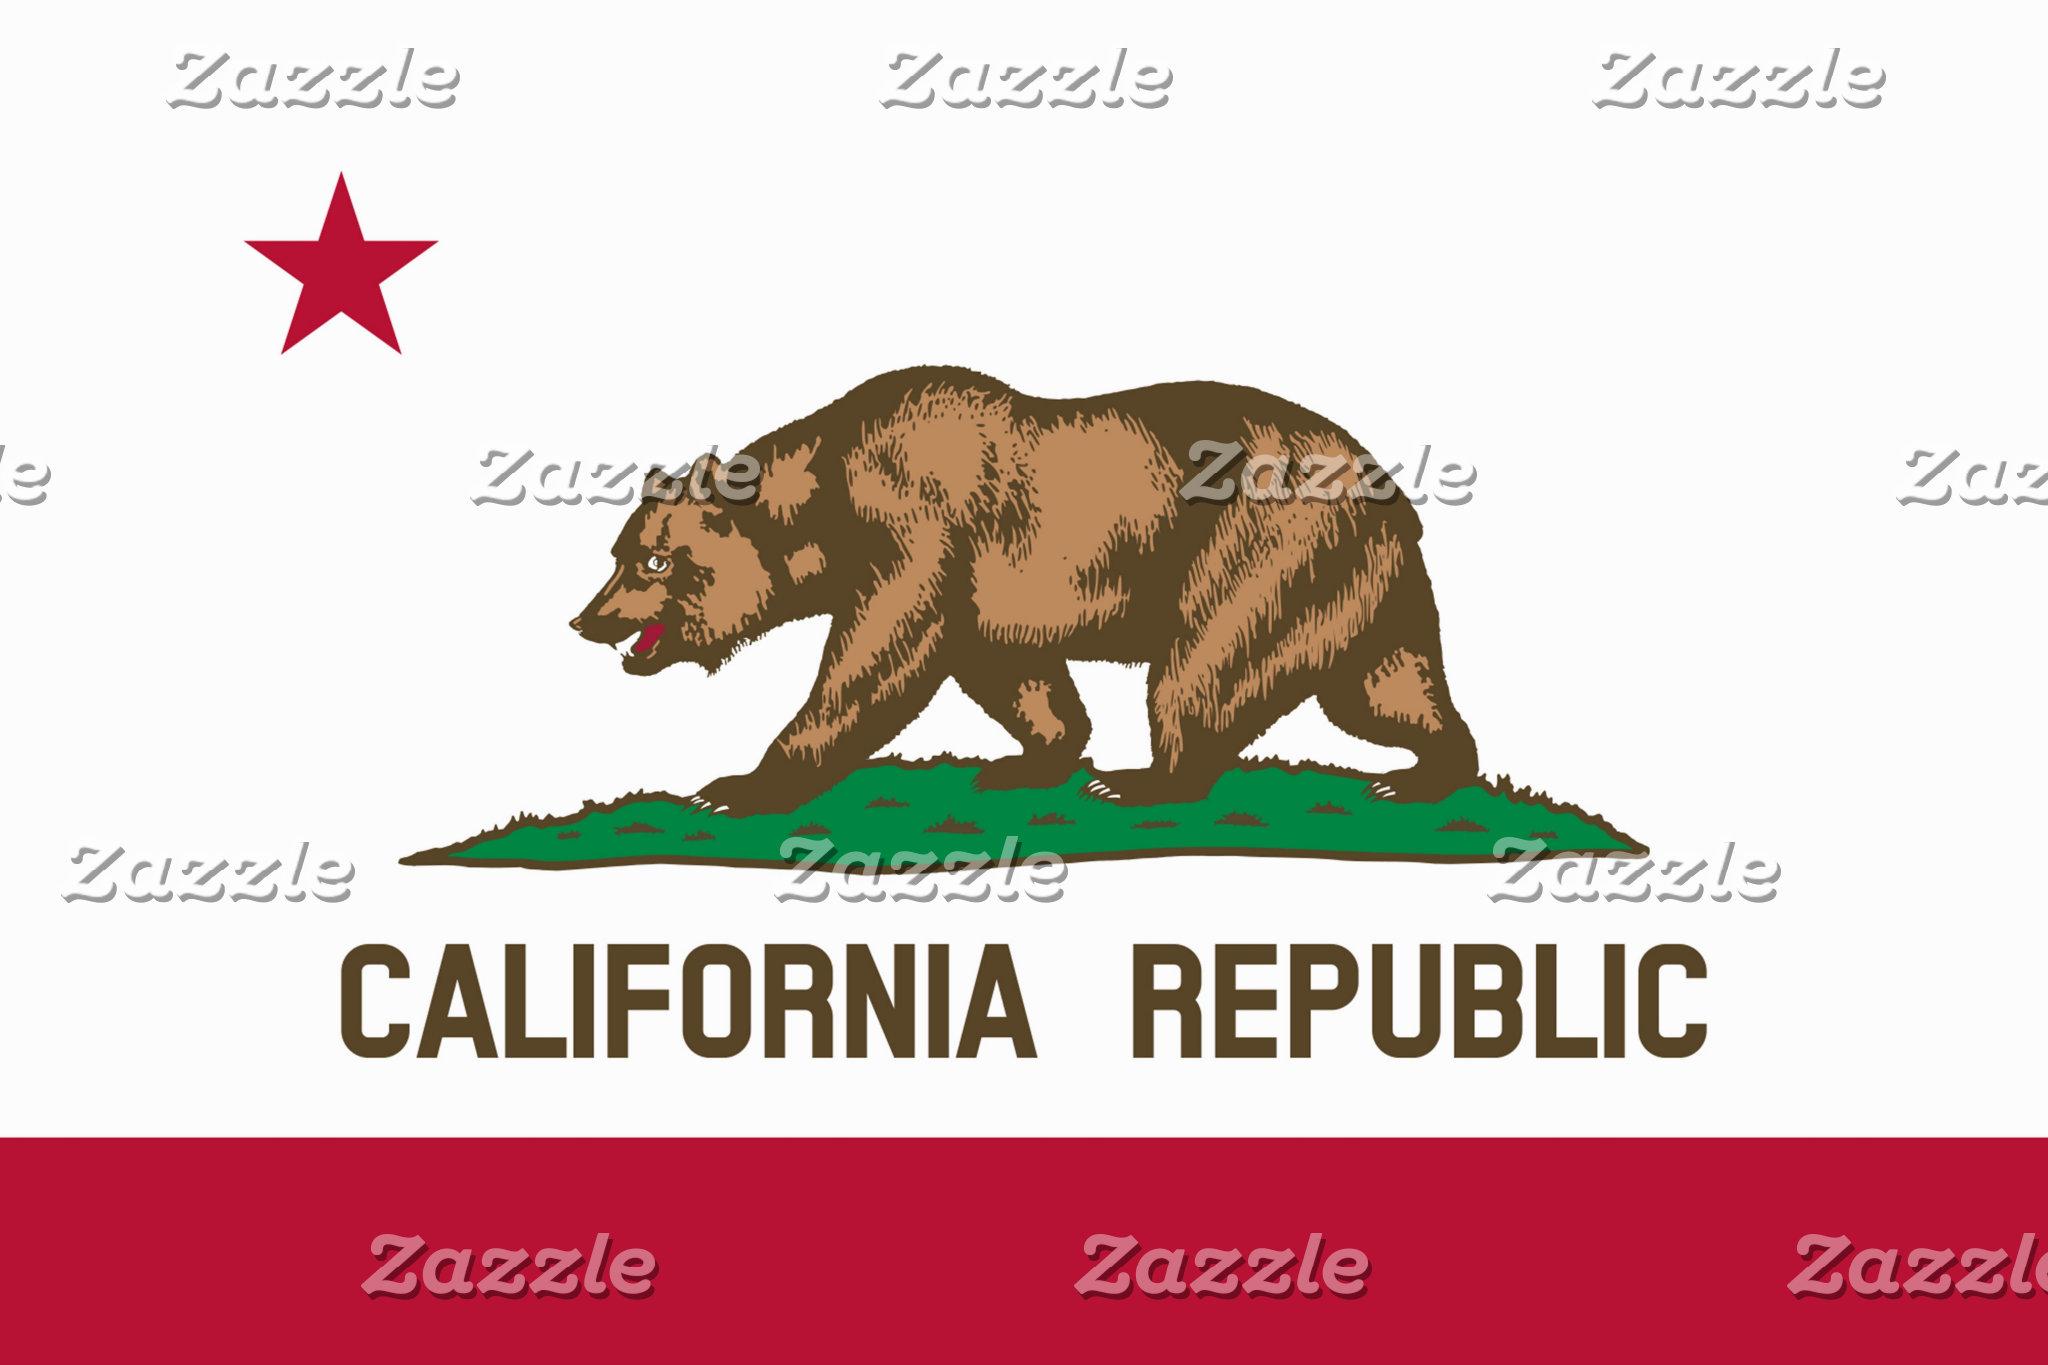 Califorina State